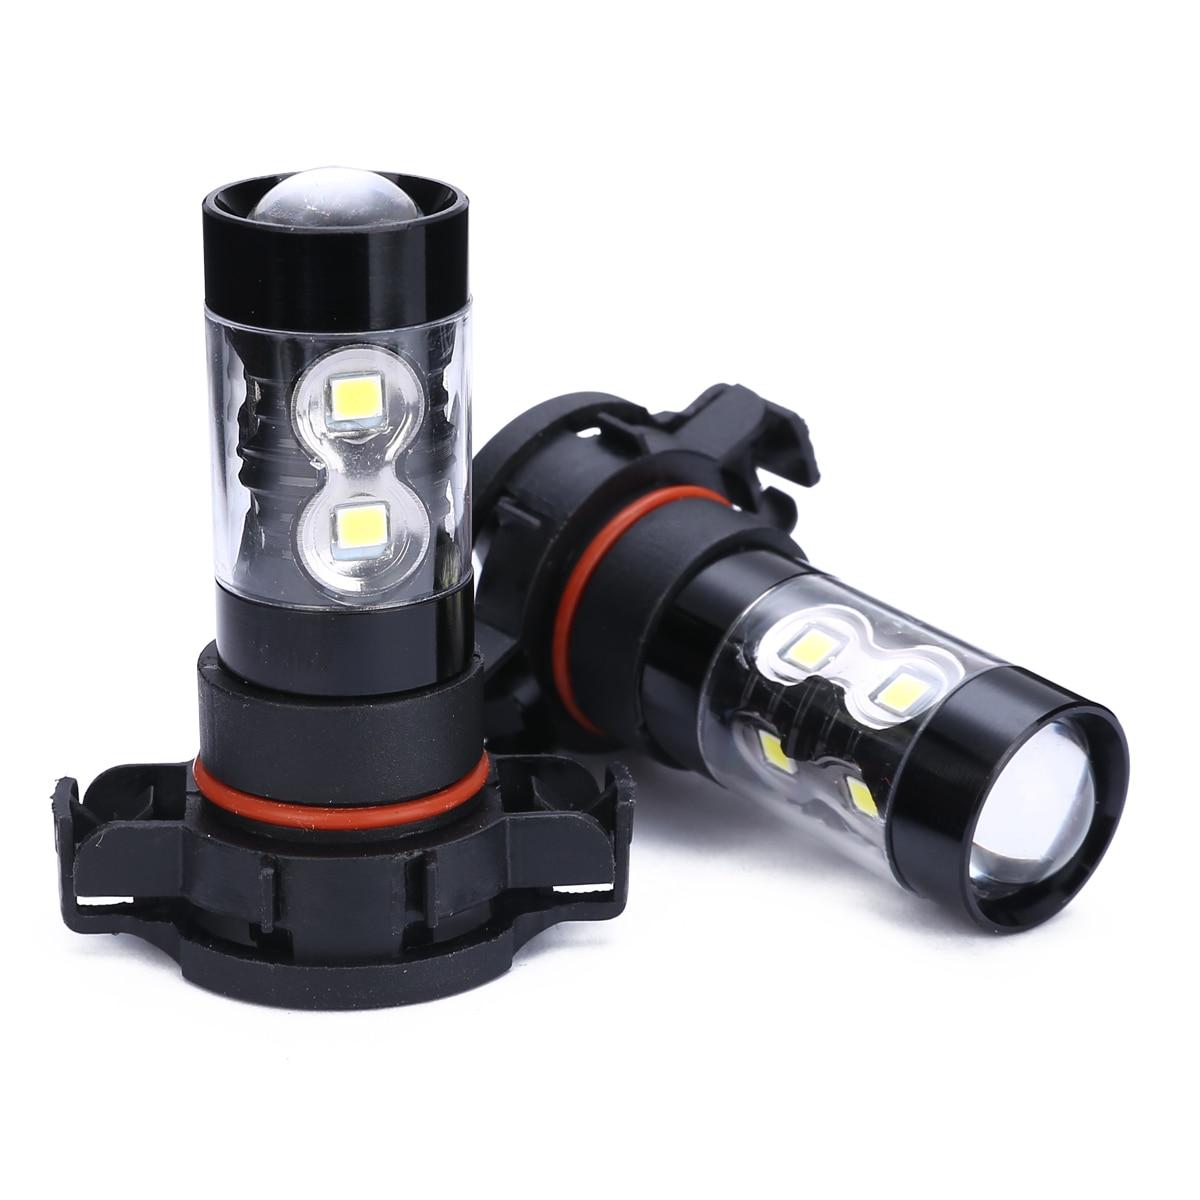 Universal 2pcs PSX24W 2504 50W Car LED Fog Light Day-time Running Bulb High Power 6000K White For Car Light Source